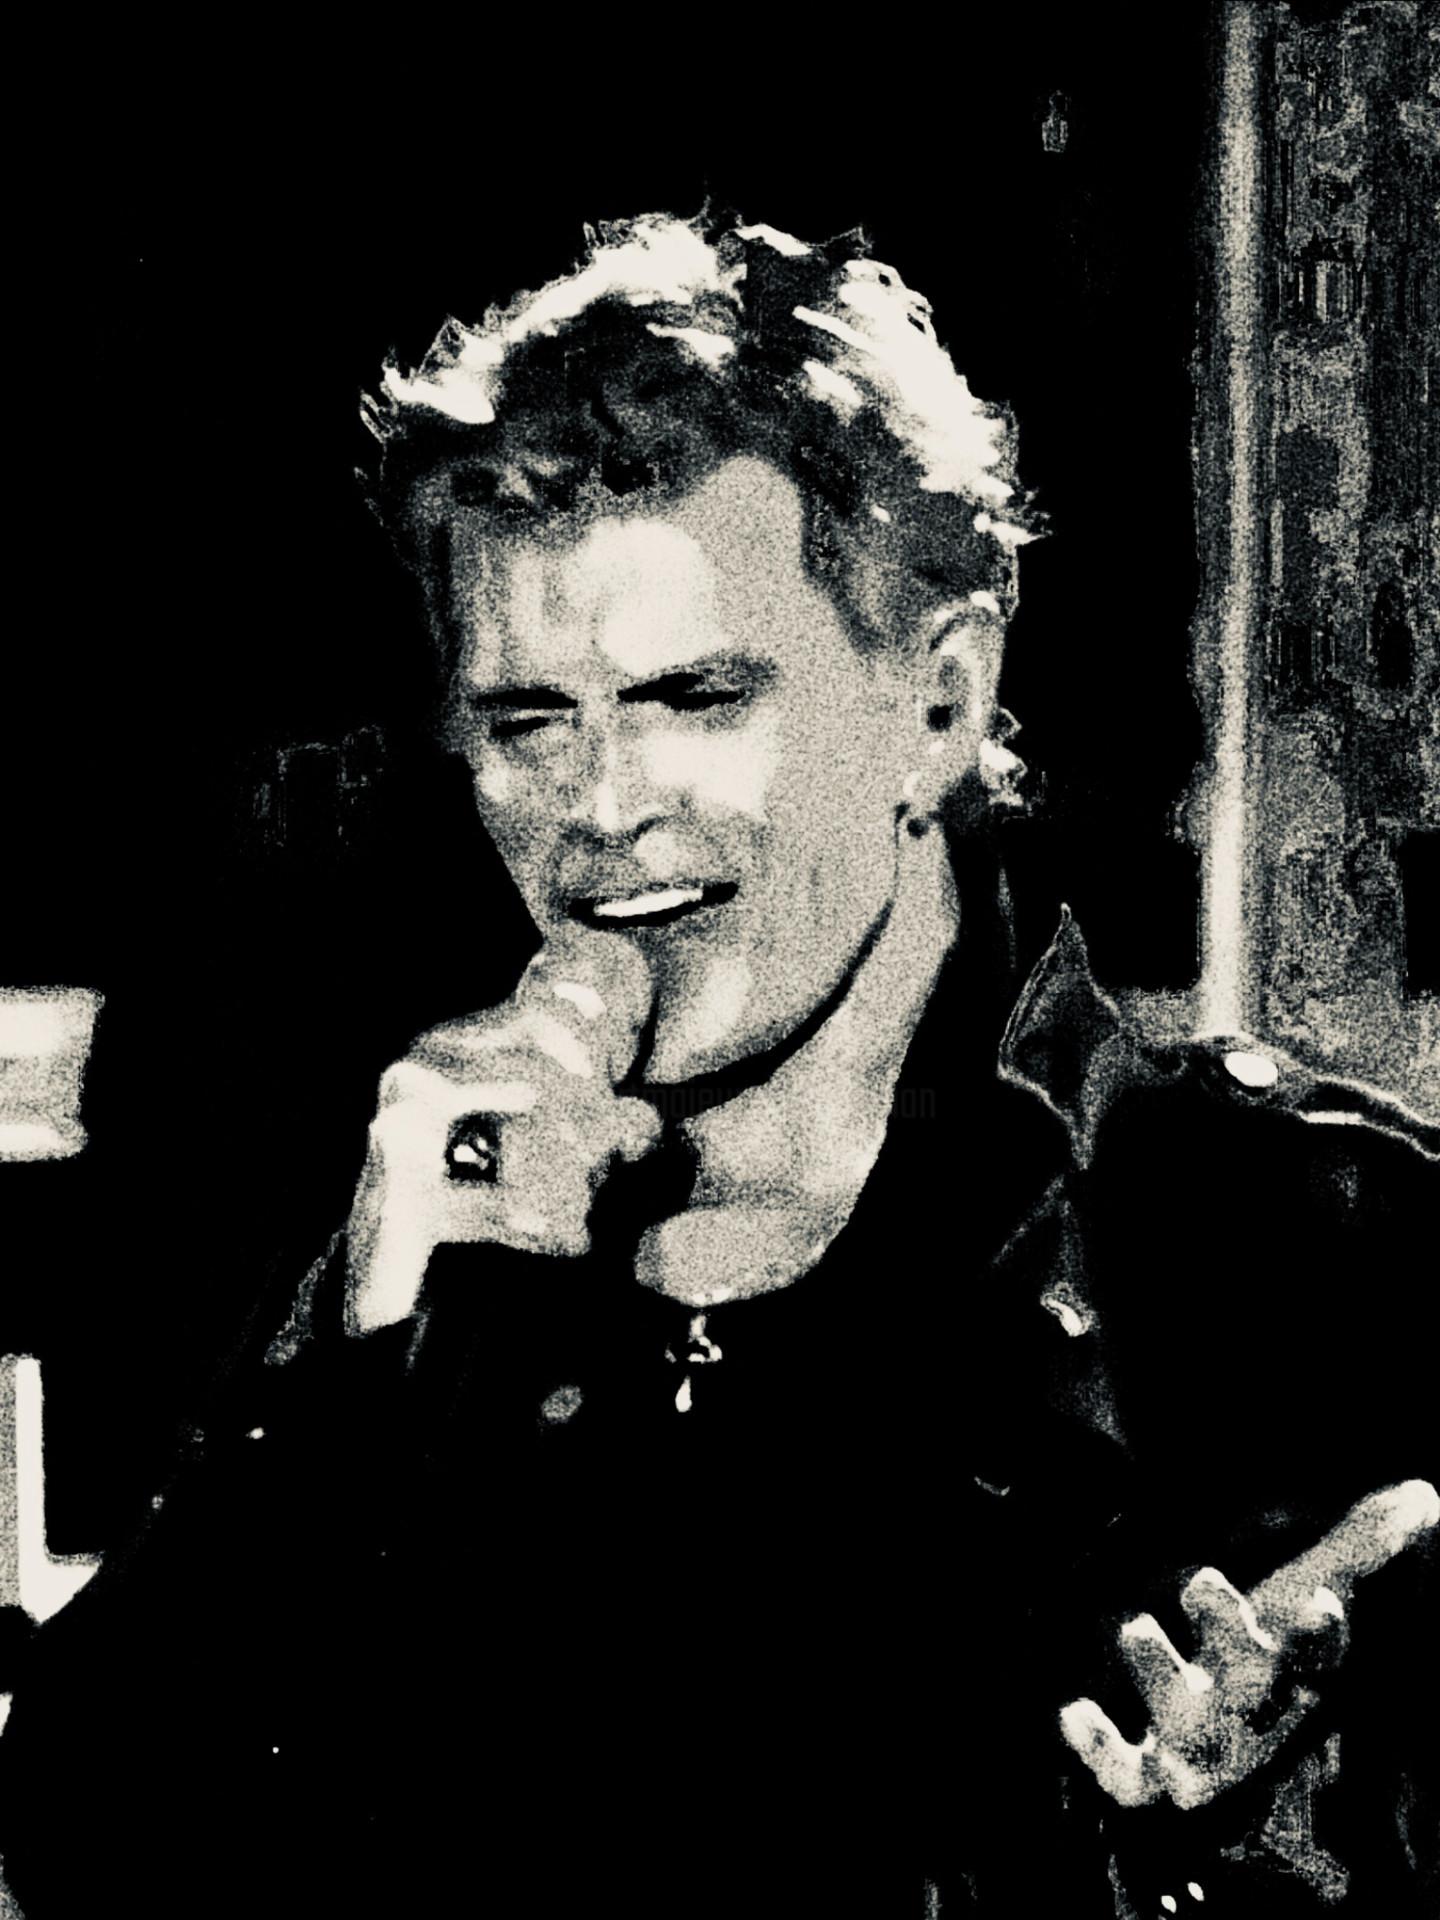 Kirlian - Billy Idol